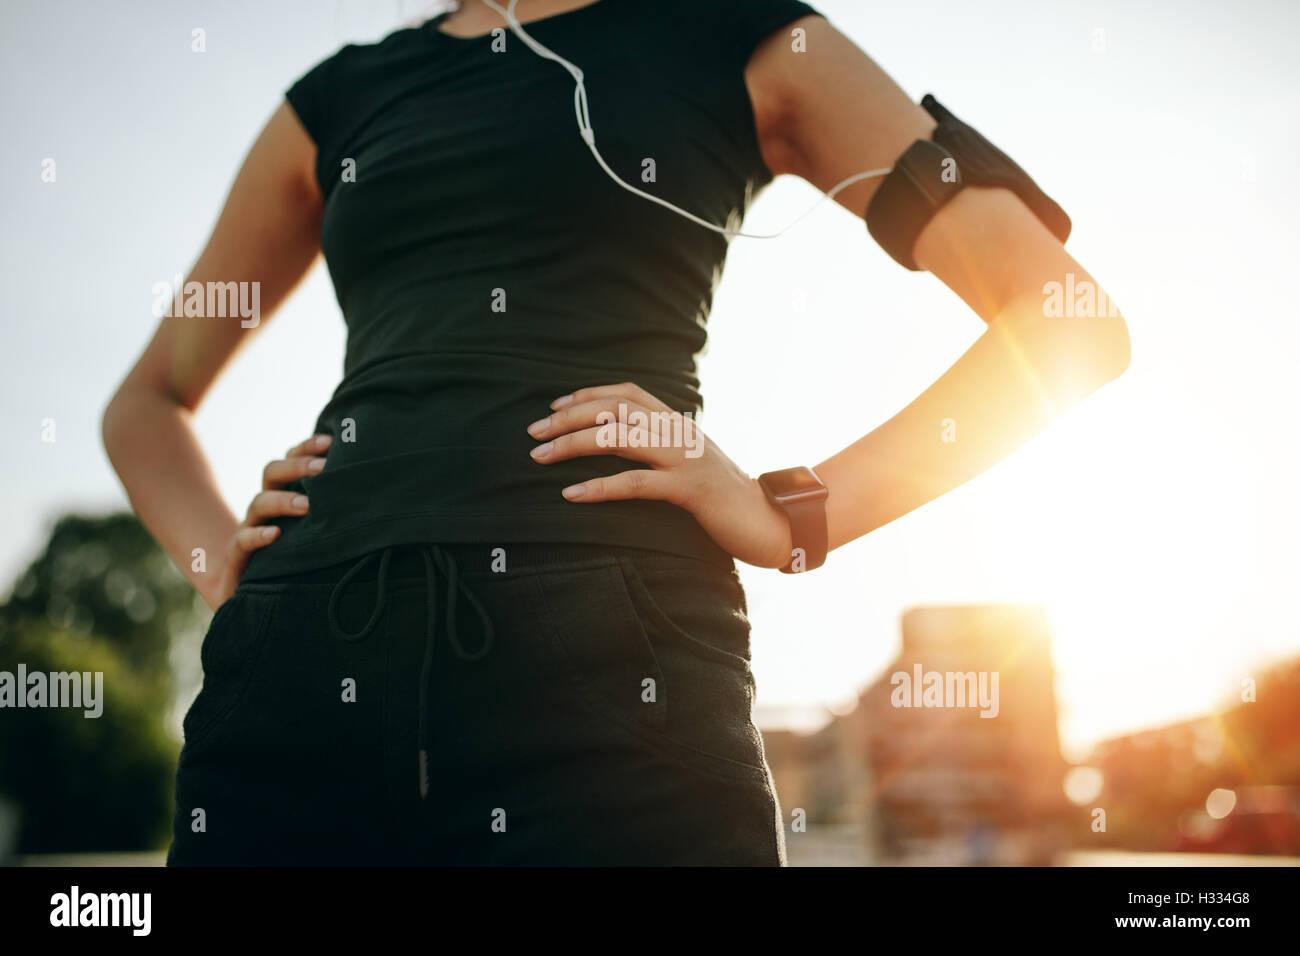 Captura recortada del monte joven de pie con las manos en las caderas. Urban runner afuera en el sol por la mañana. Imagen De Stock